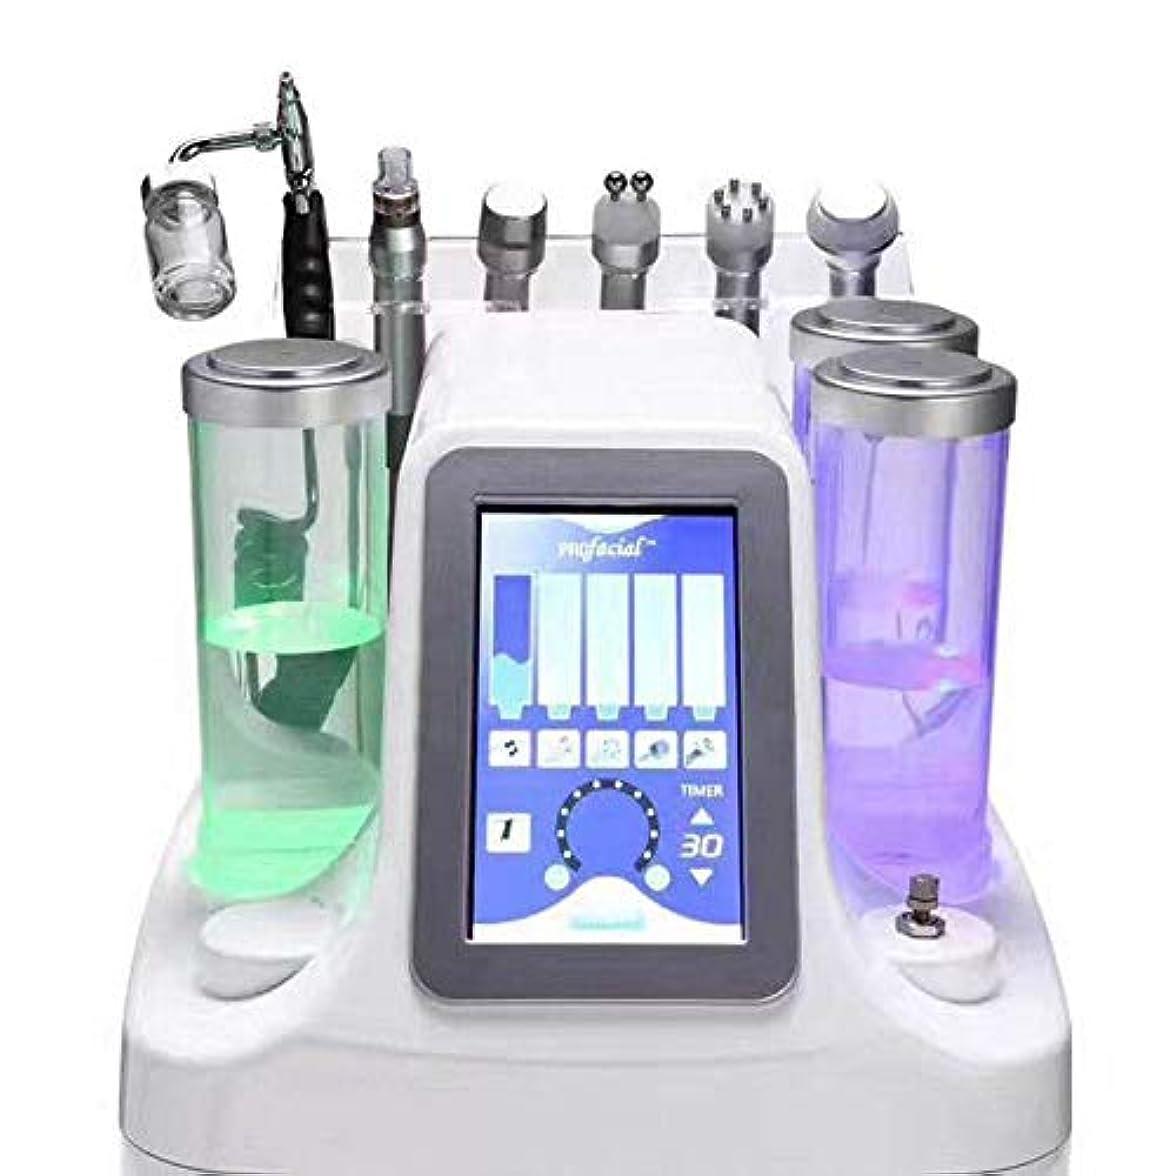 くすぐったい同意するボンド6 in 1 Hydra Dermabrasion Aqua Peel Clean Skin Care BIO Light RF Vacuum Face Cleaning Hydro Water Oxygen Jet Peel...